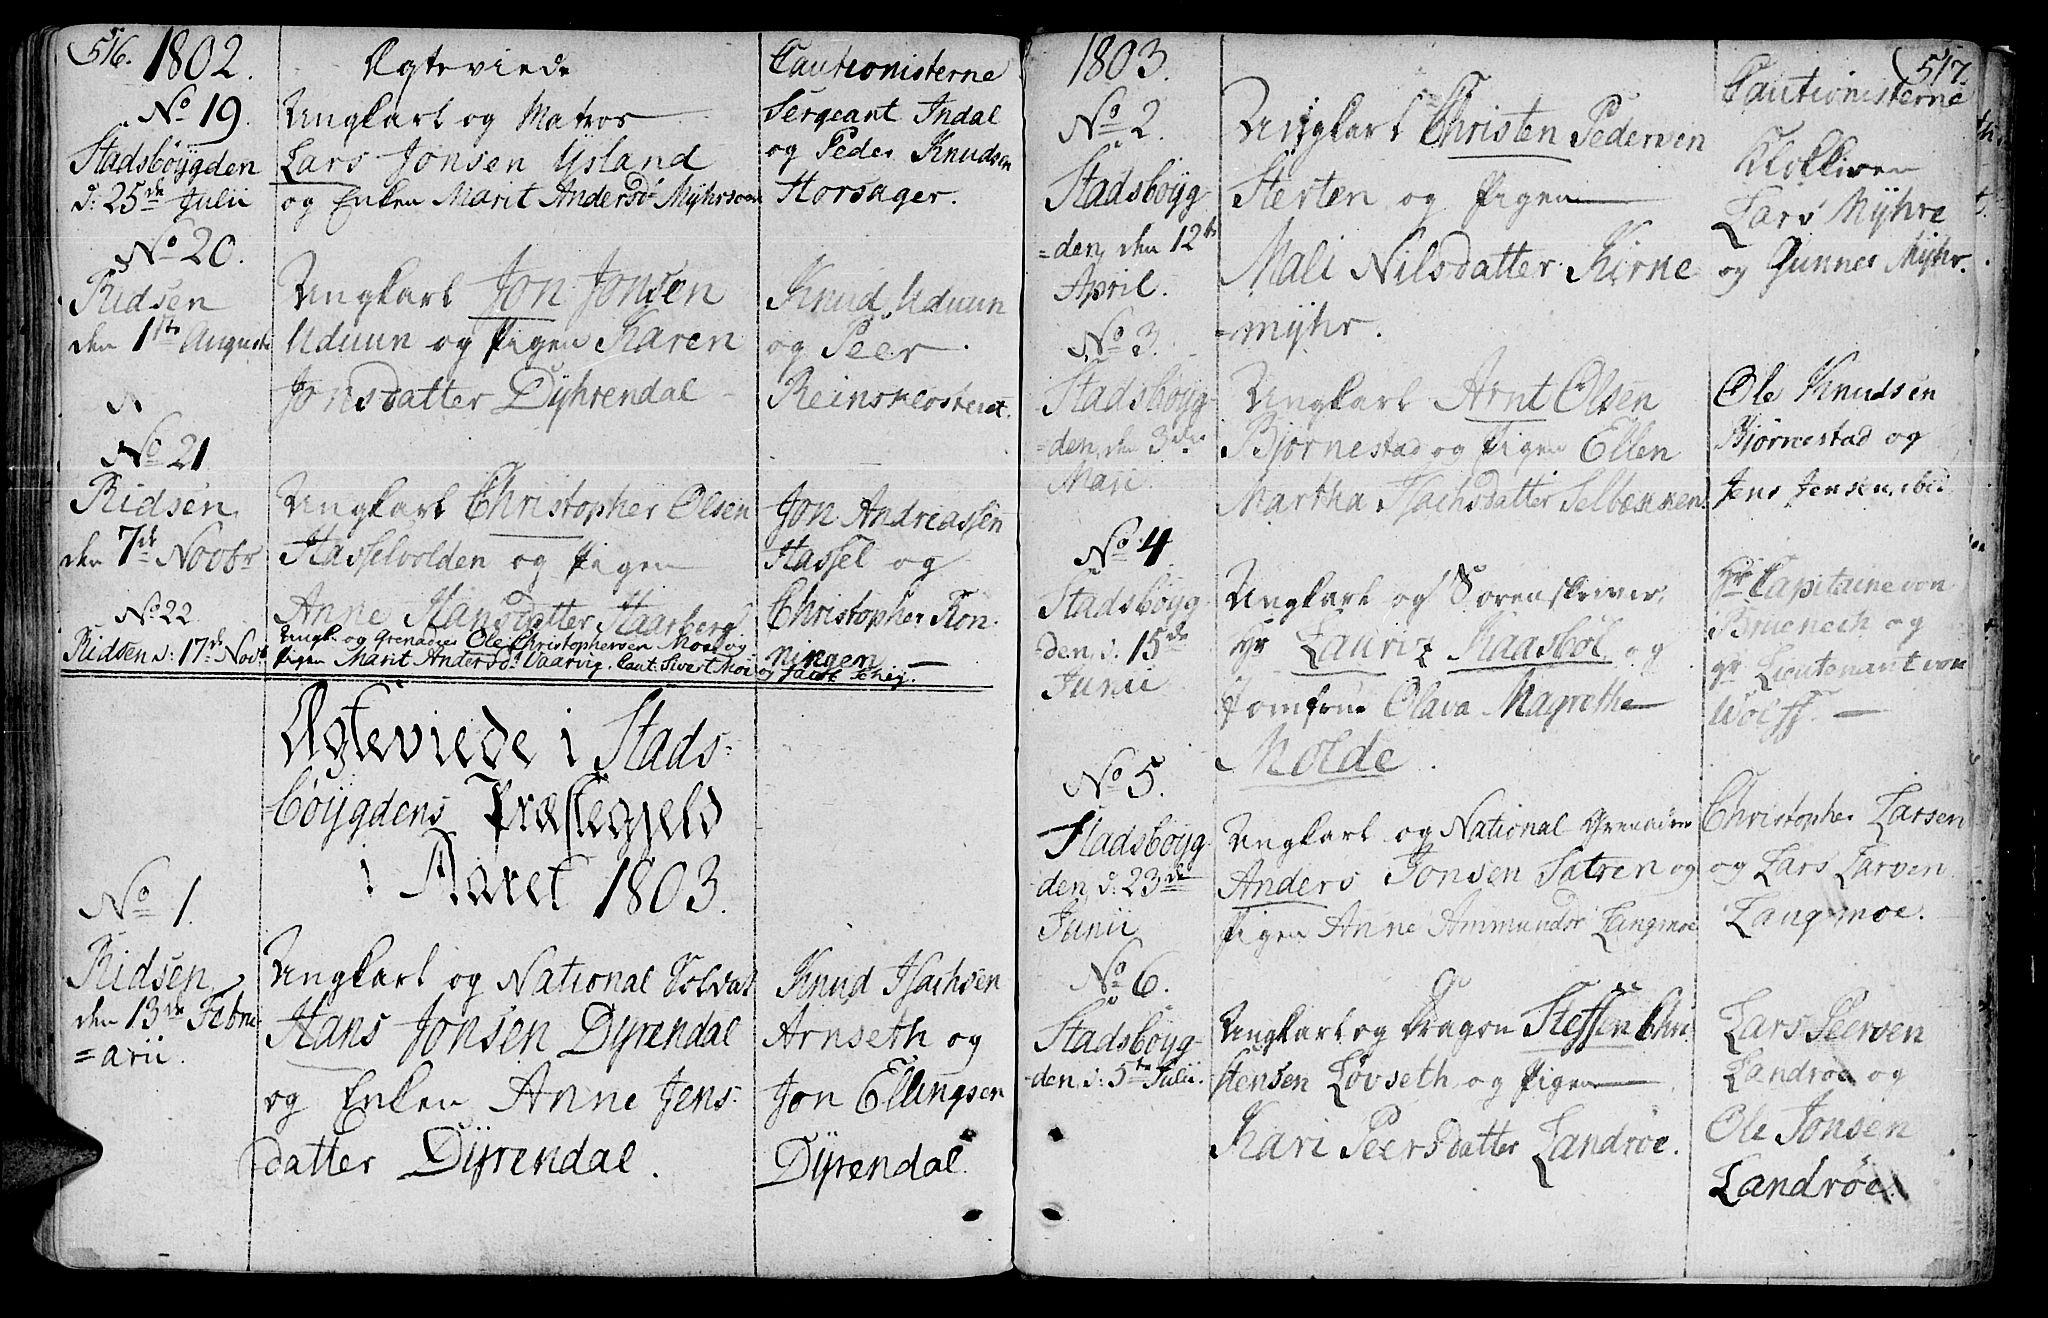 SAT, Ministerialprotokoller, klokkerbøker og fødselsregistre - Sør-Trøndelag, 646/L0606: Ministerialbok nr. 646A04, 1791-1805, s. 516-517